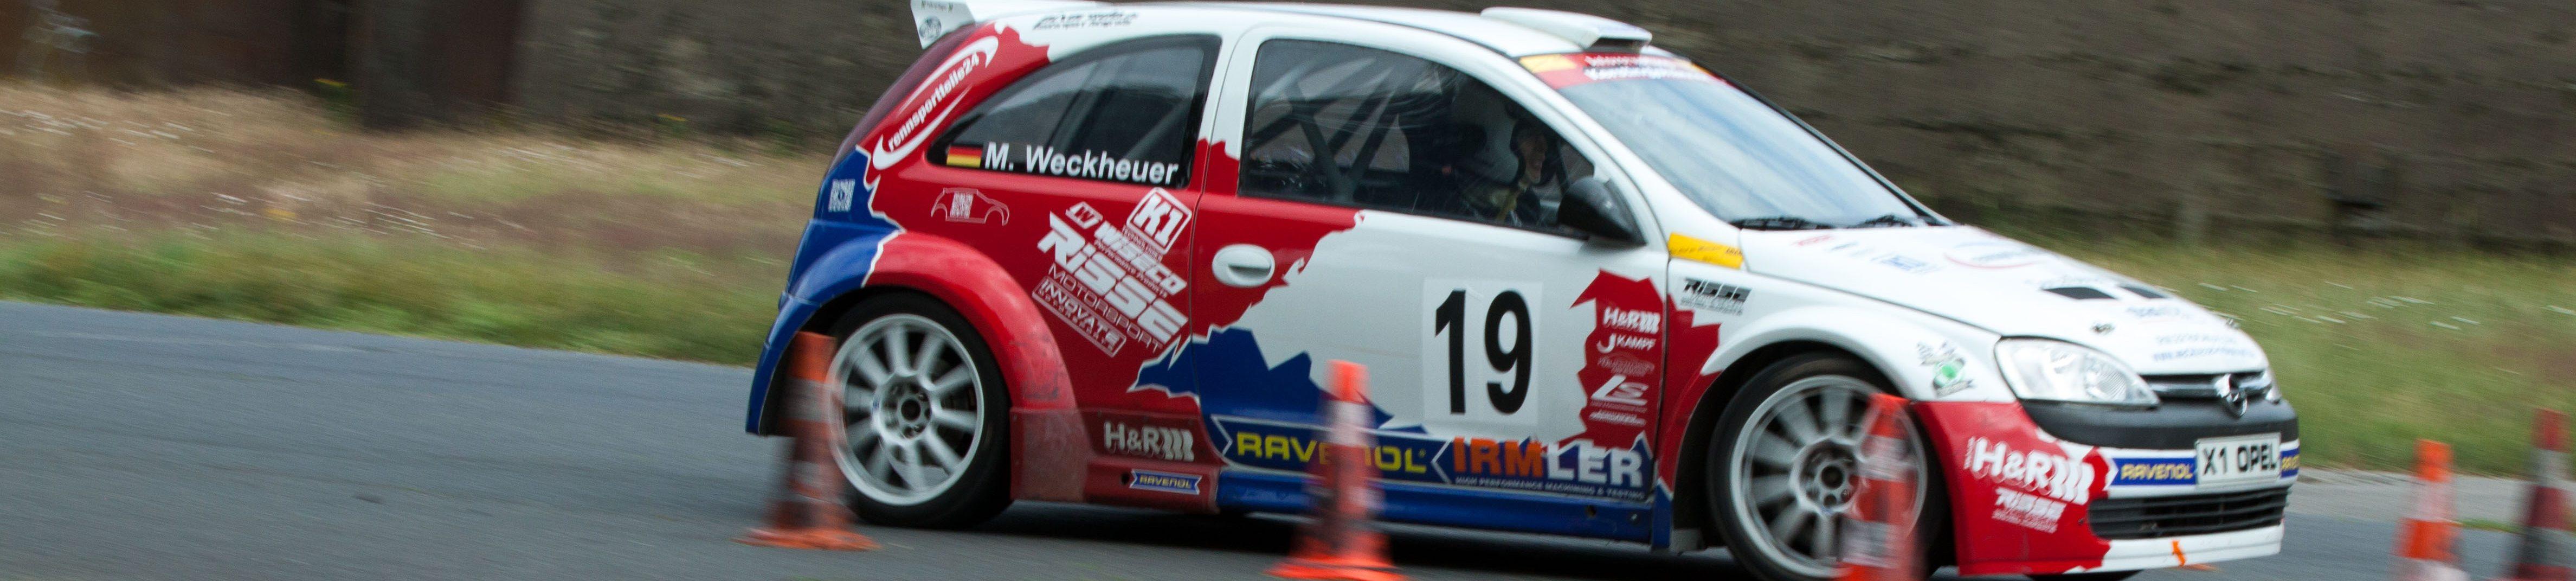 Weckheuer-Motorsport.de